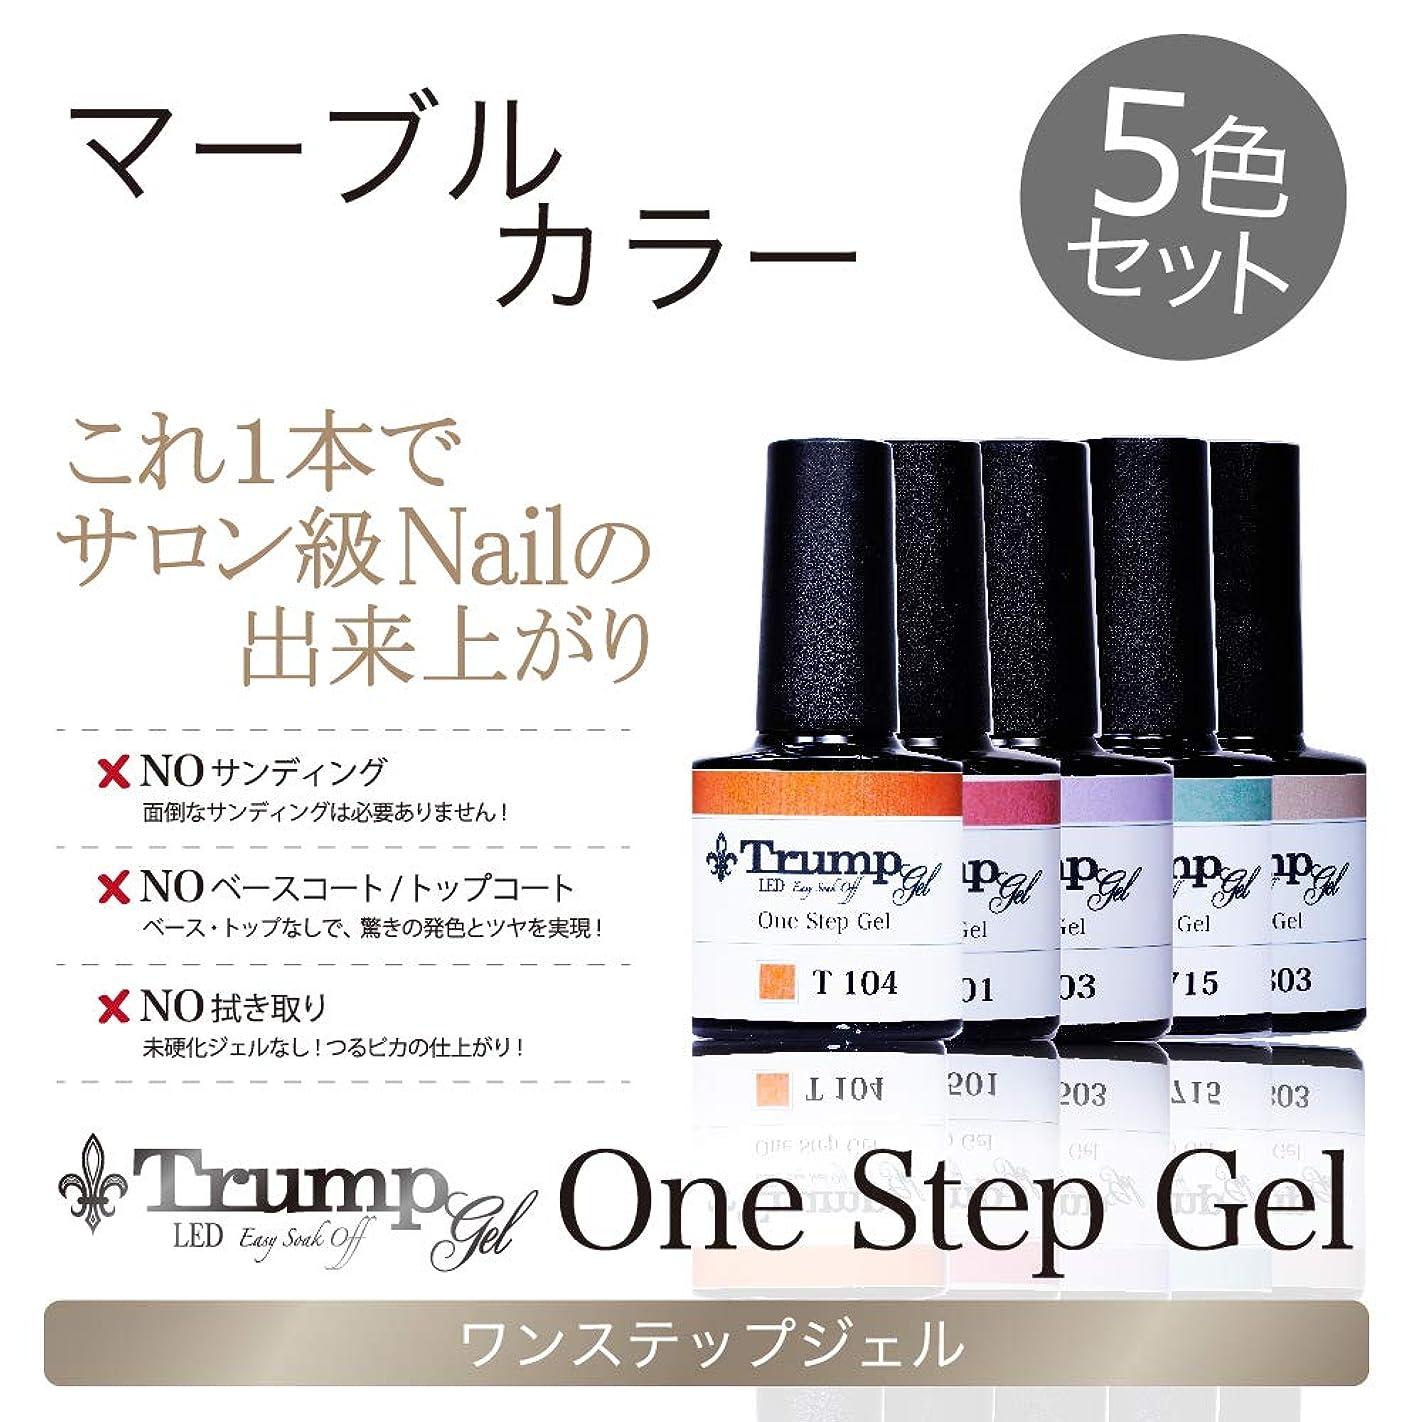 ローブカリキュラム公平な【日本製】Trump gel トランプジェル ワンステップジェル ジェルネイル カラージェル 5点 セット スモーキーモーヴ ボルドー ブラック マーブル (マーブルカラー5色セット)